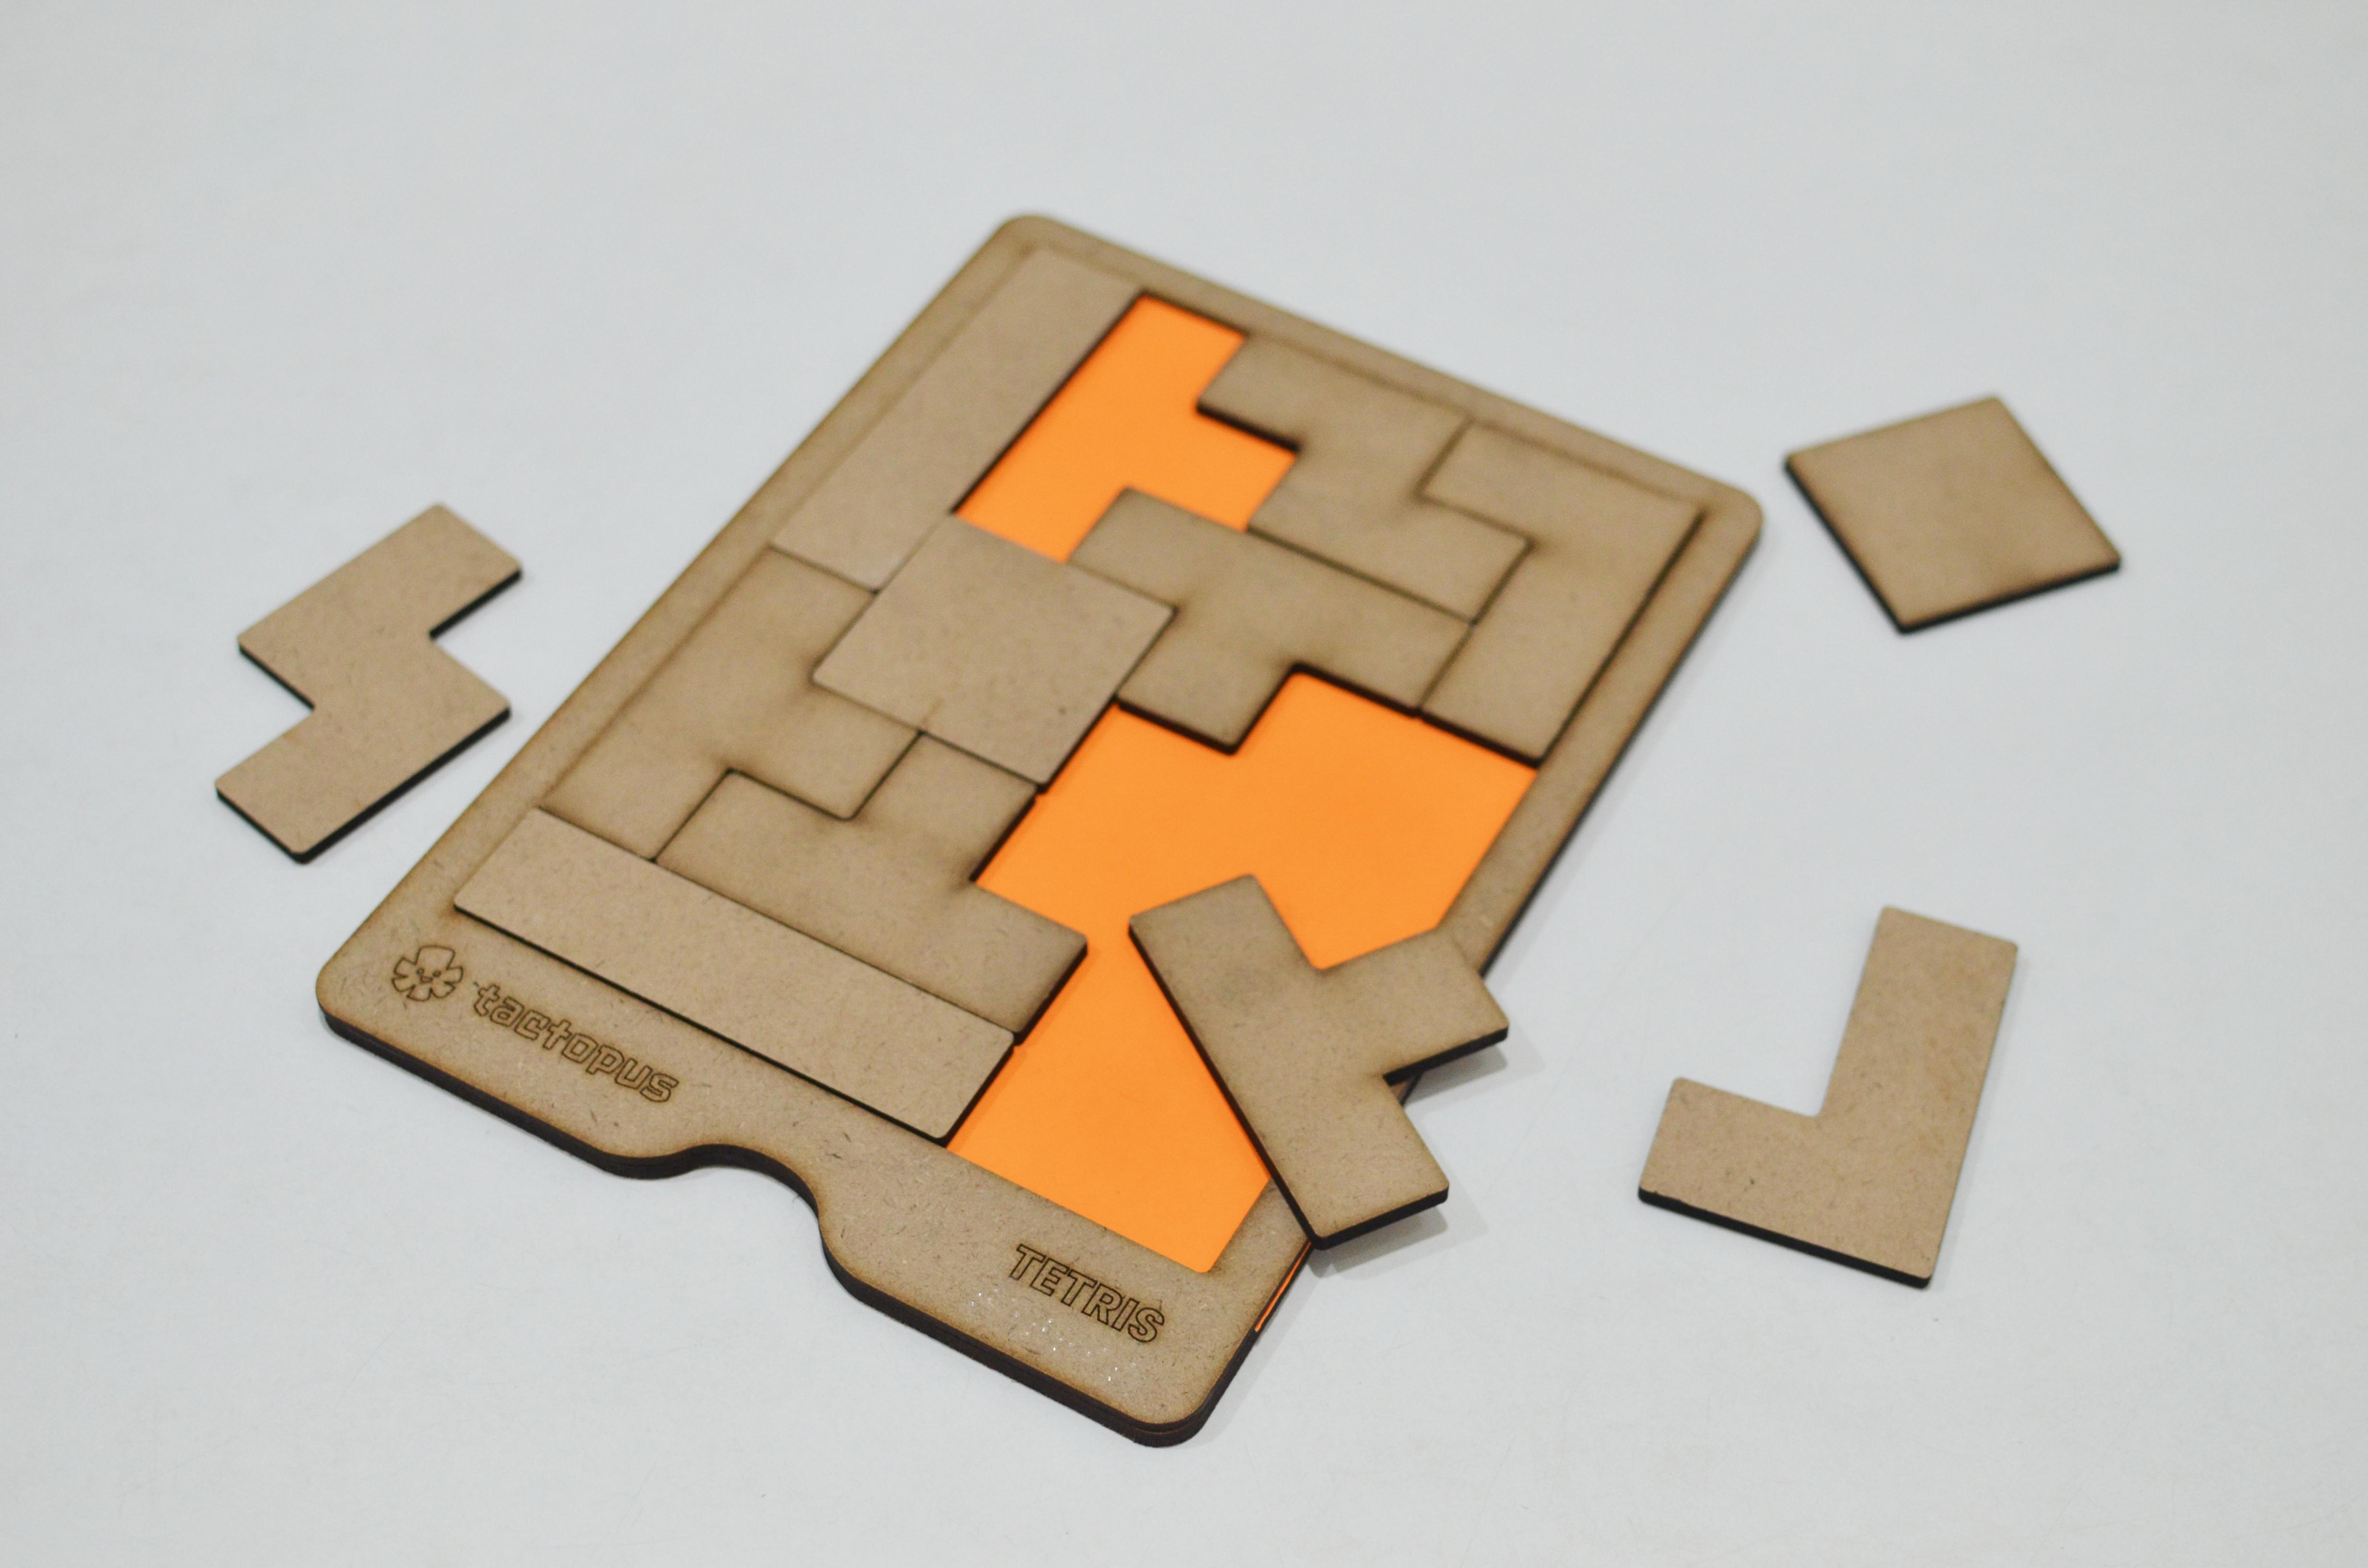 Tetromino Puzzle Board